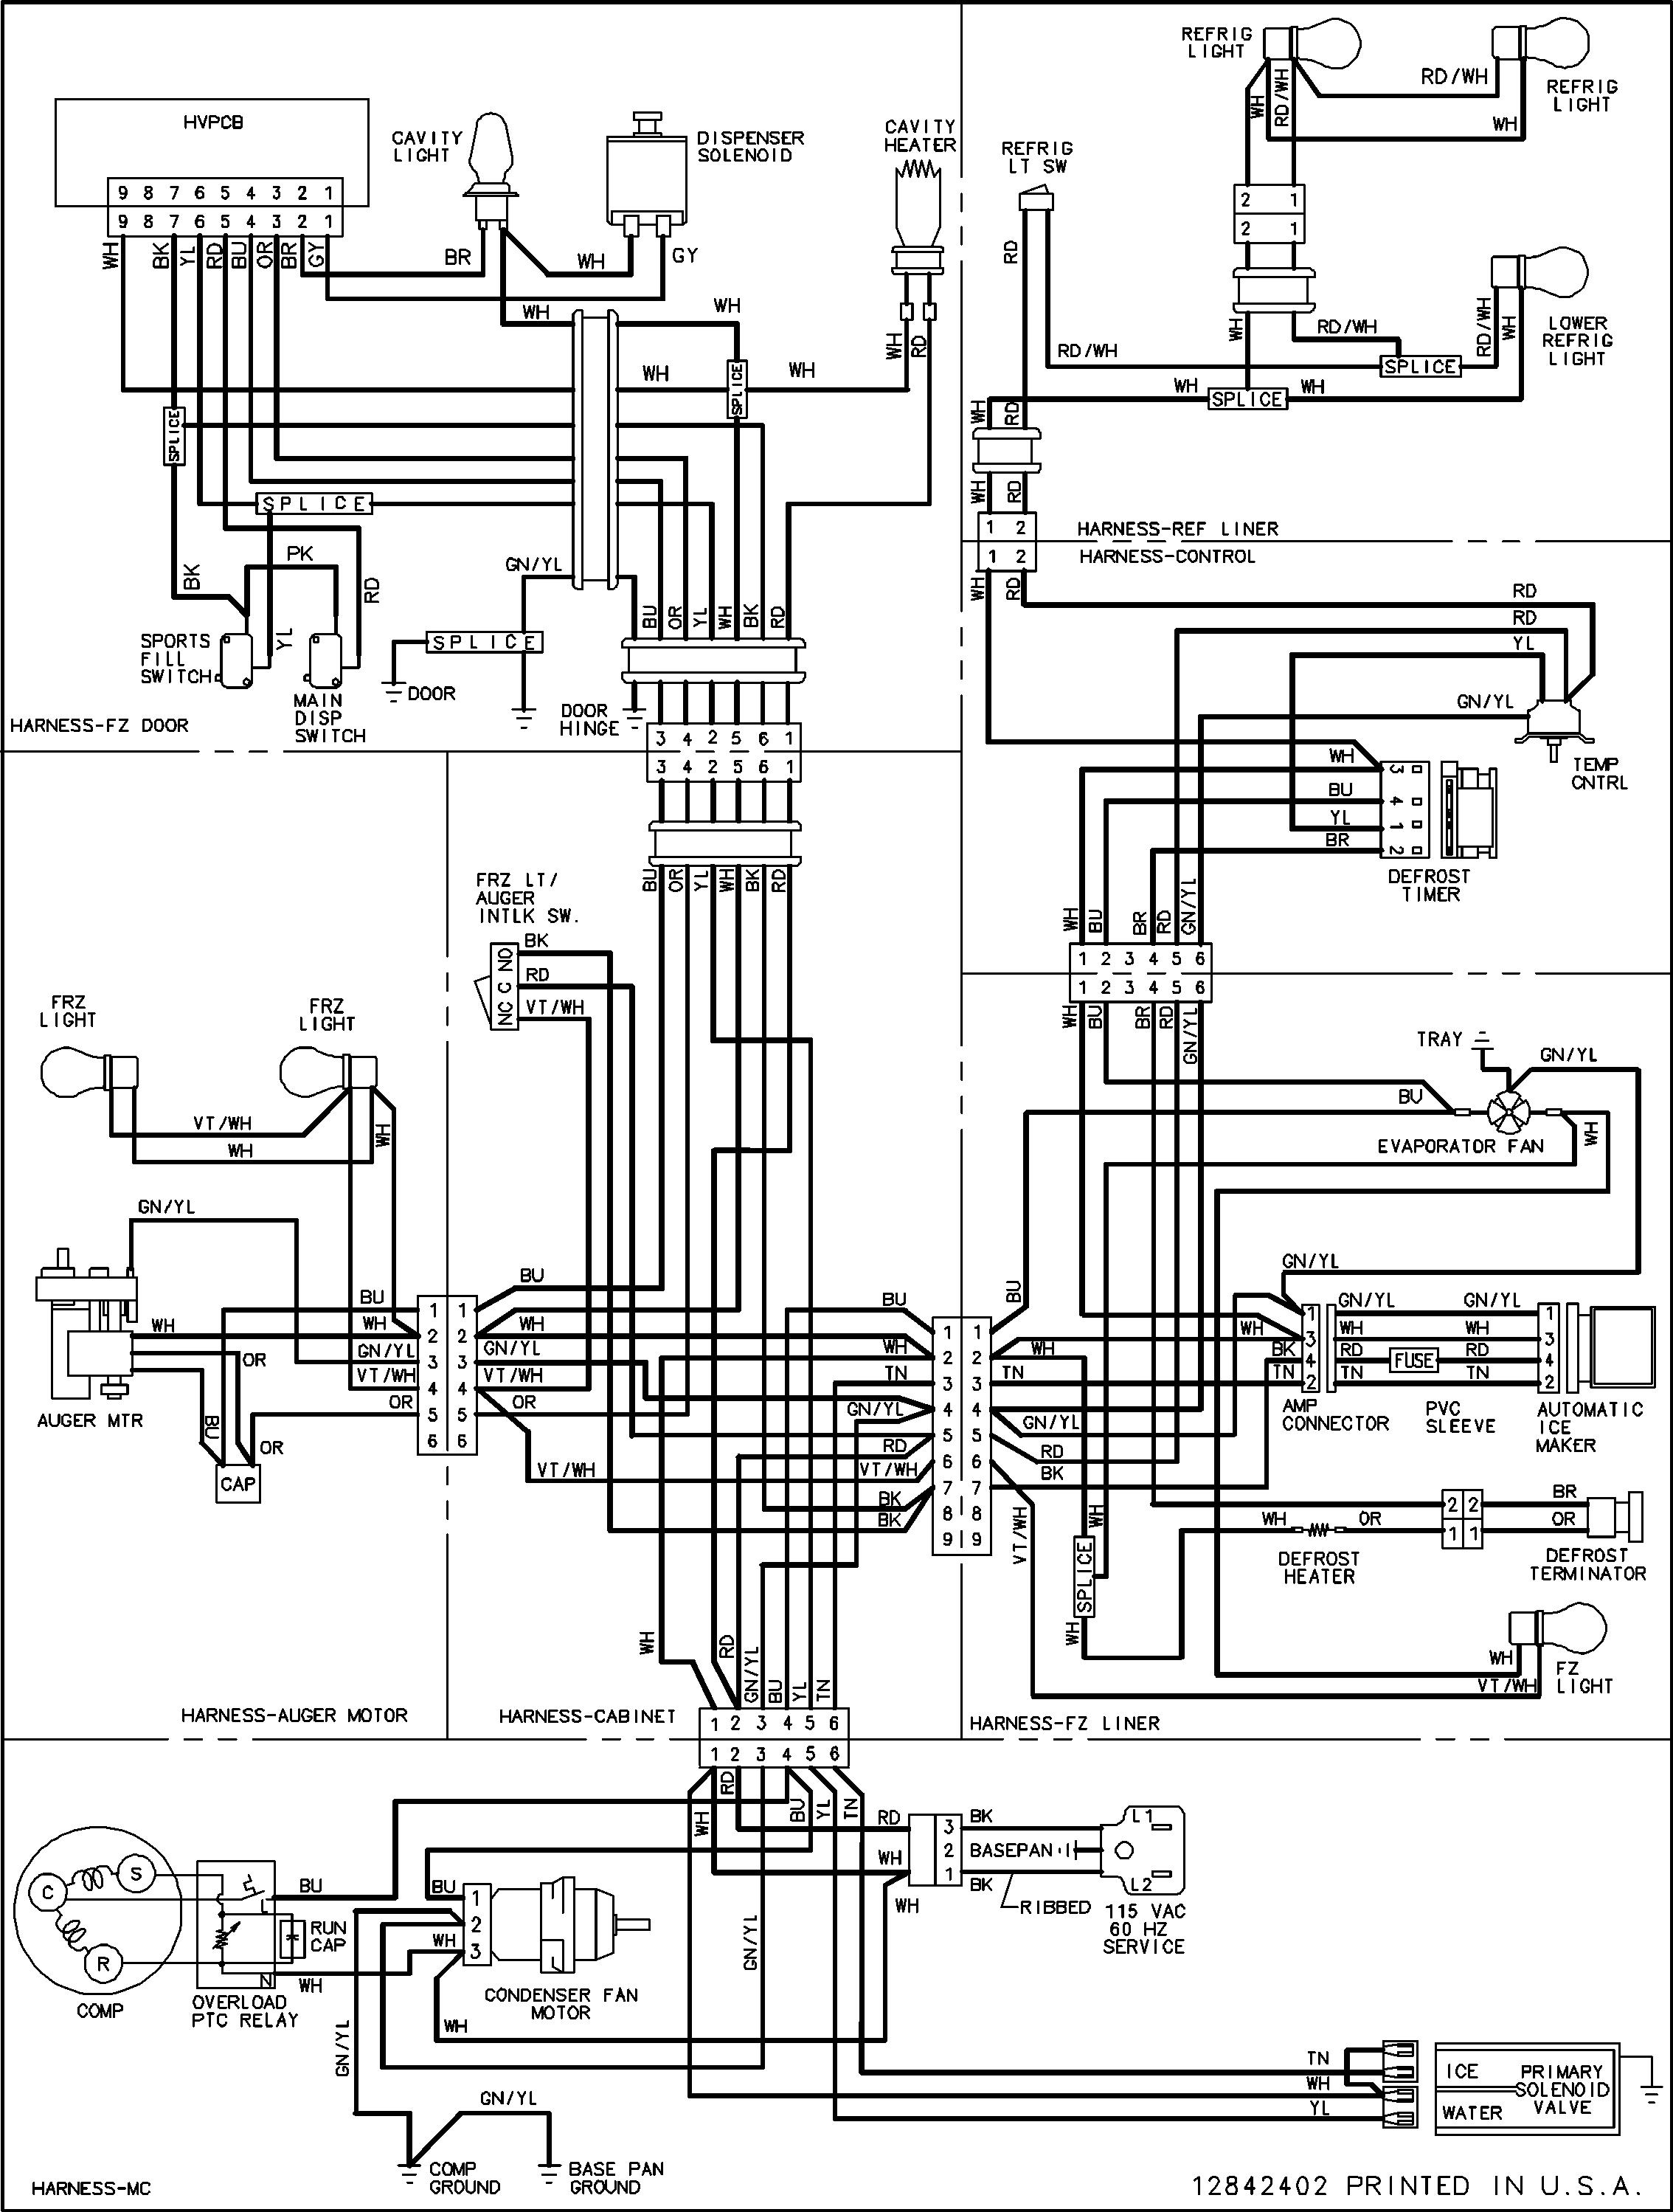 whirlpool freezer wiring diagram lk 0447  refrigerator wiring diagram in addition whirlpool  refrigerator wiring diagram in addition